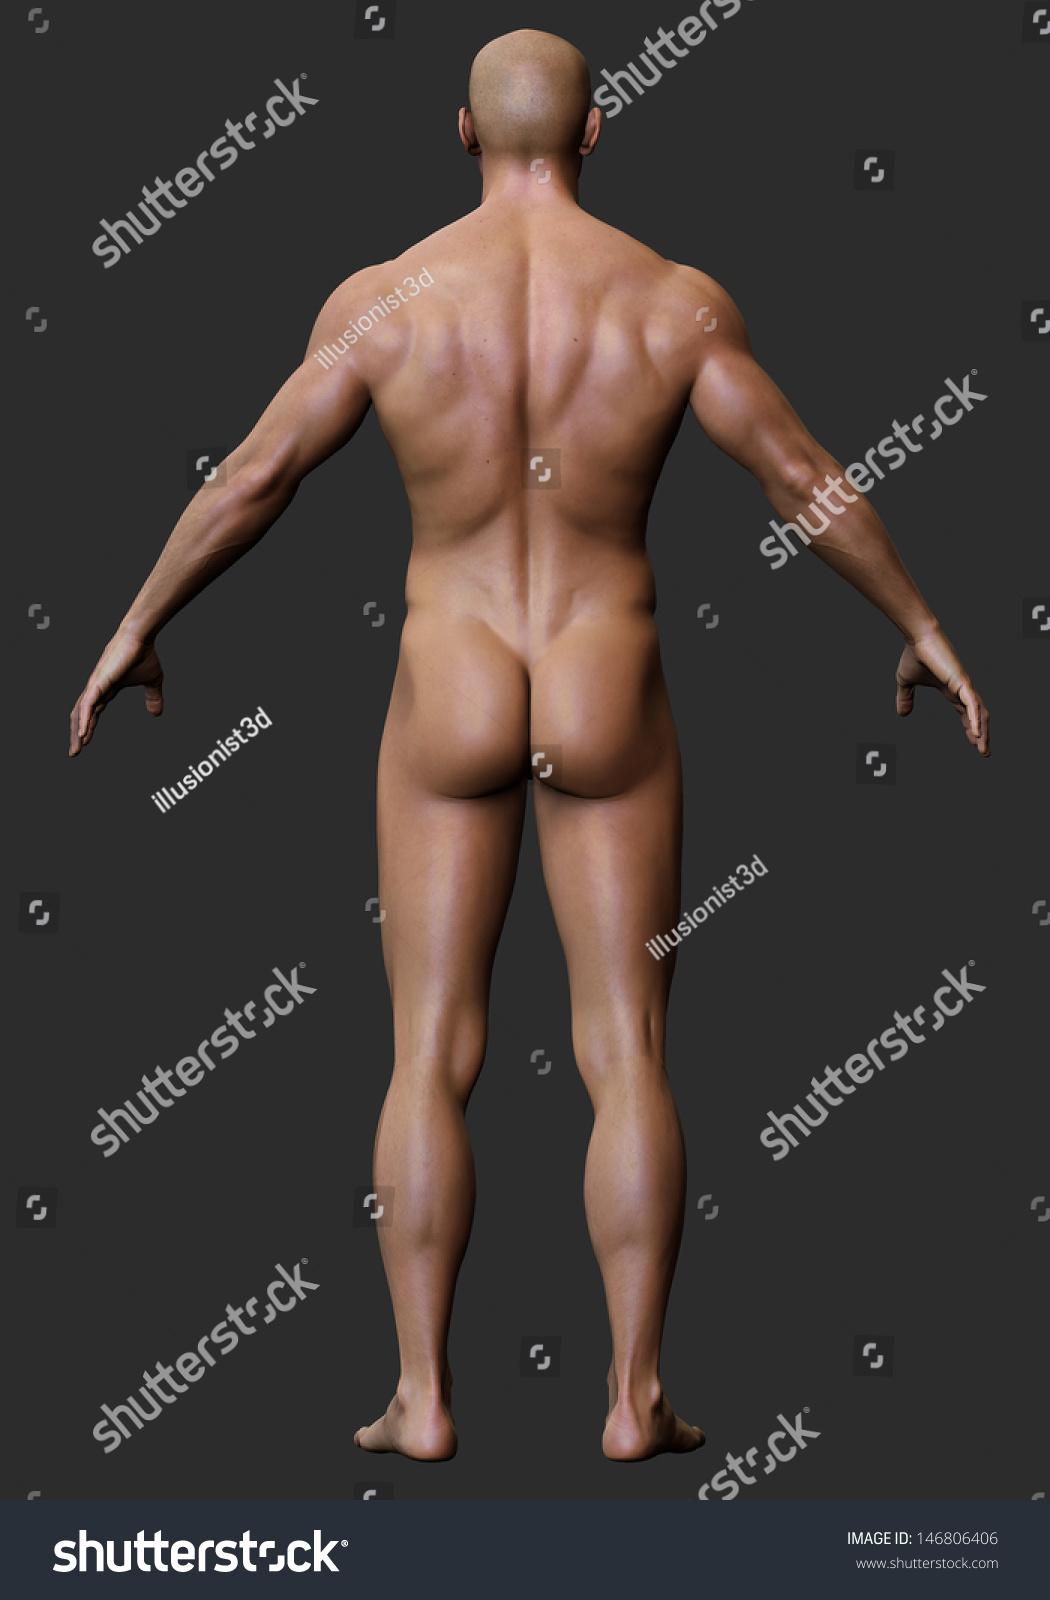 3 D Male Body Anatomy Naked Stockillustration 146806406 Shutterstock